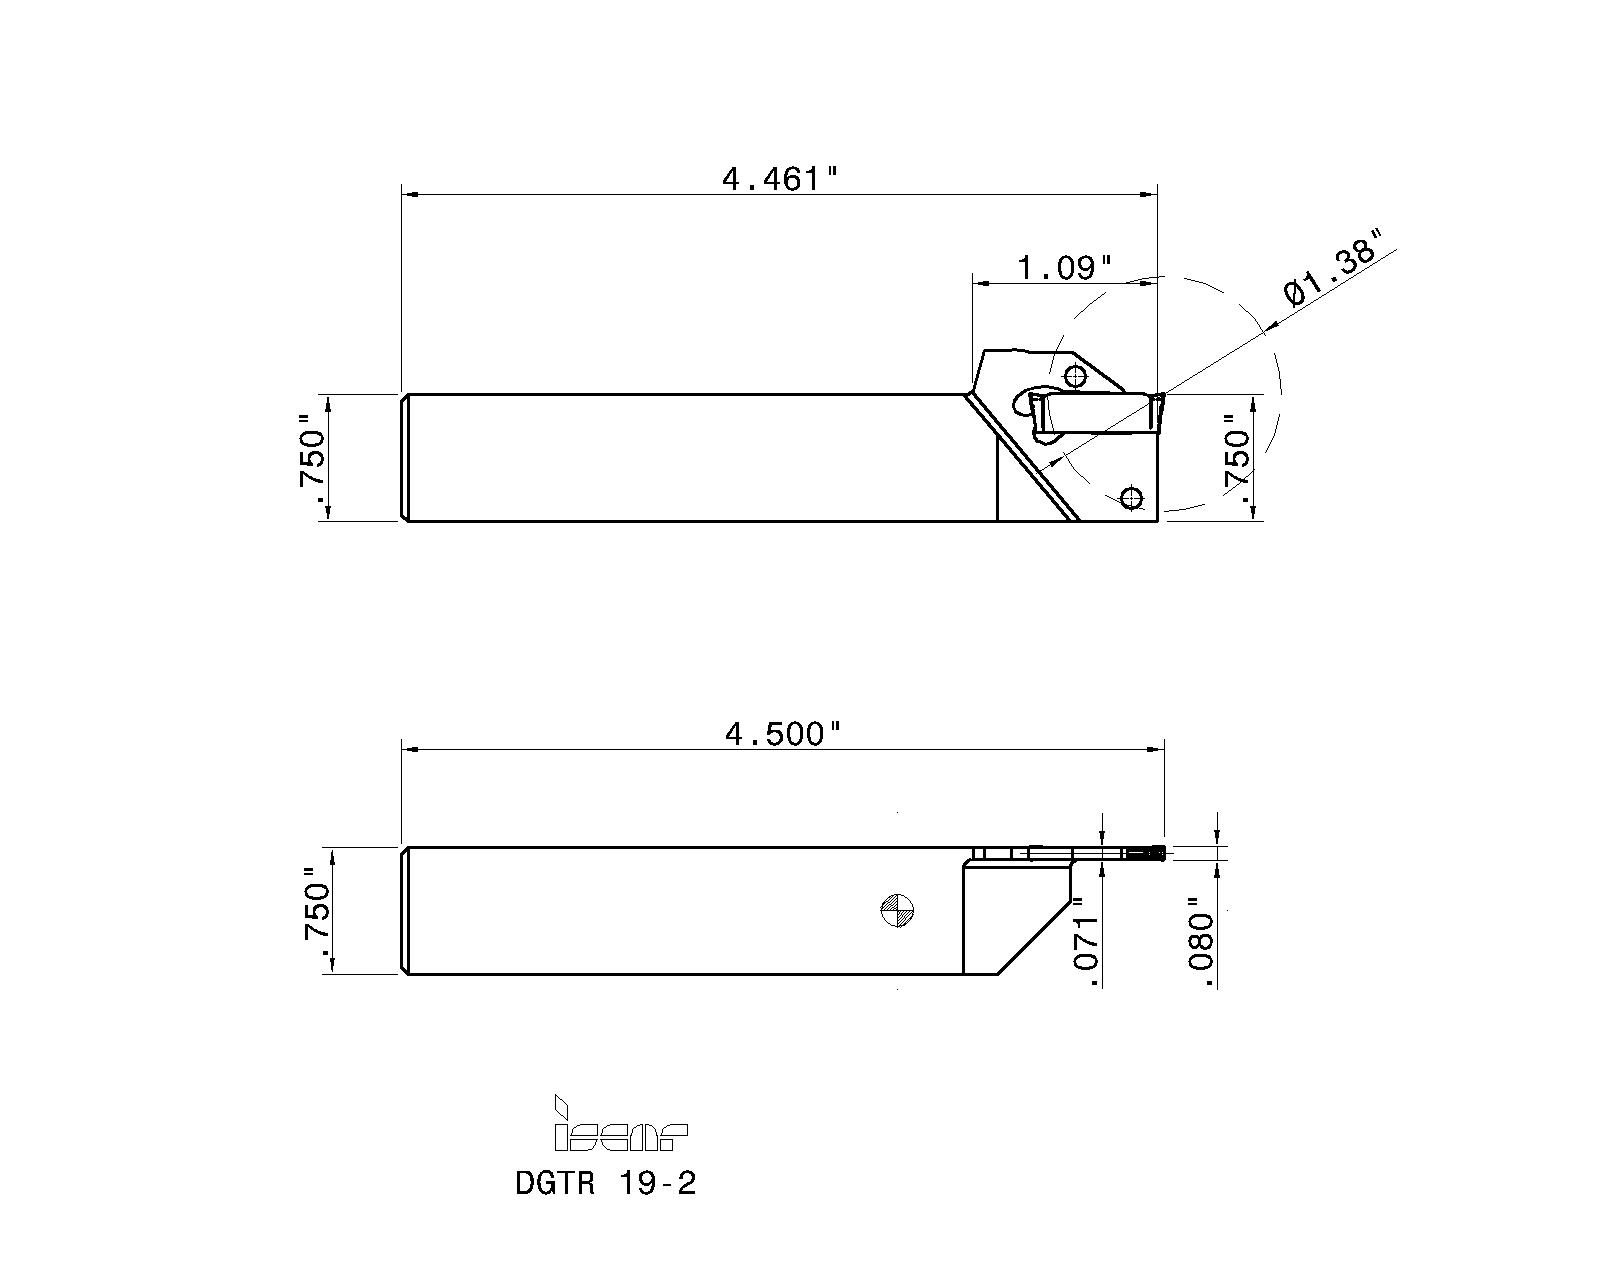 DGTR 19-2